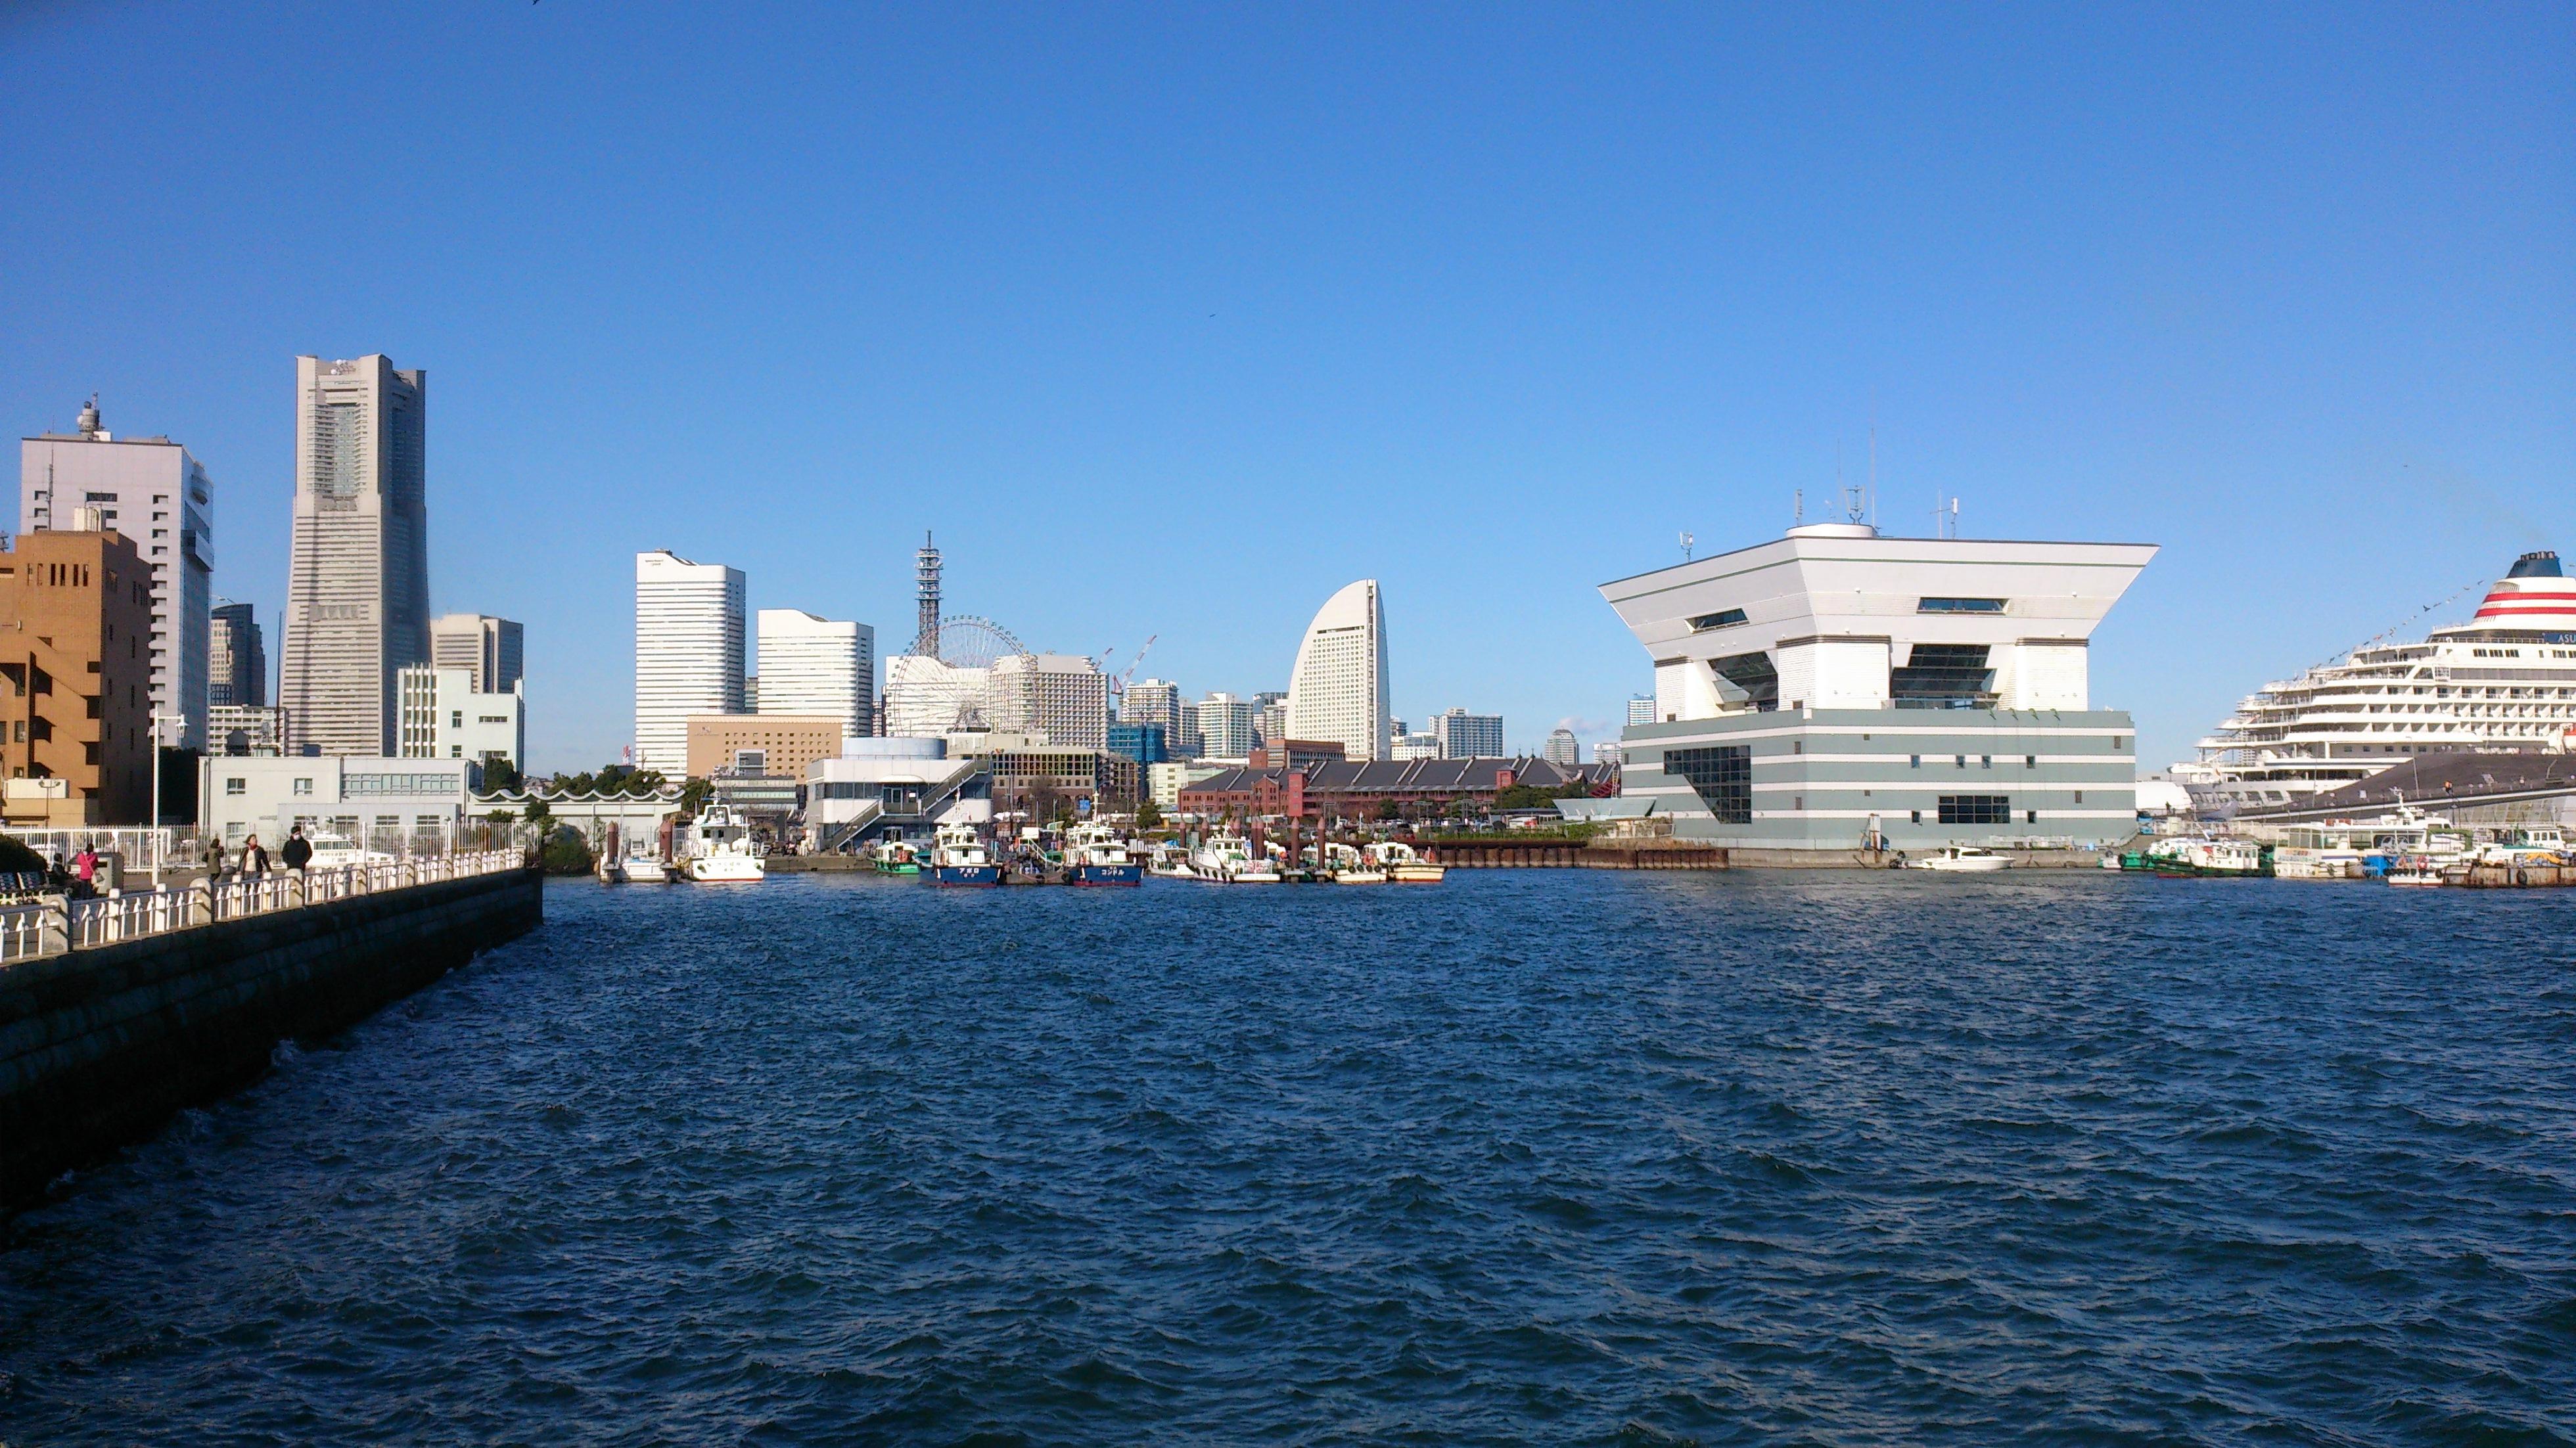 横浜に行ってきました